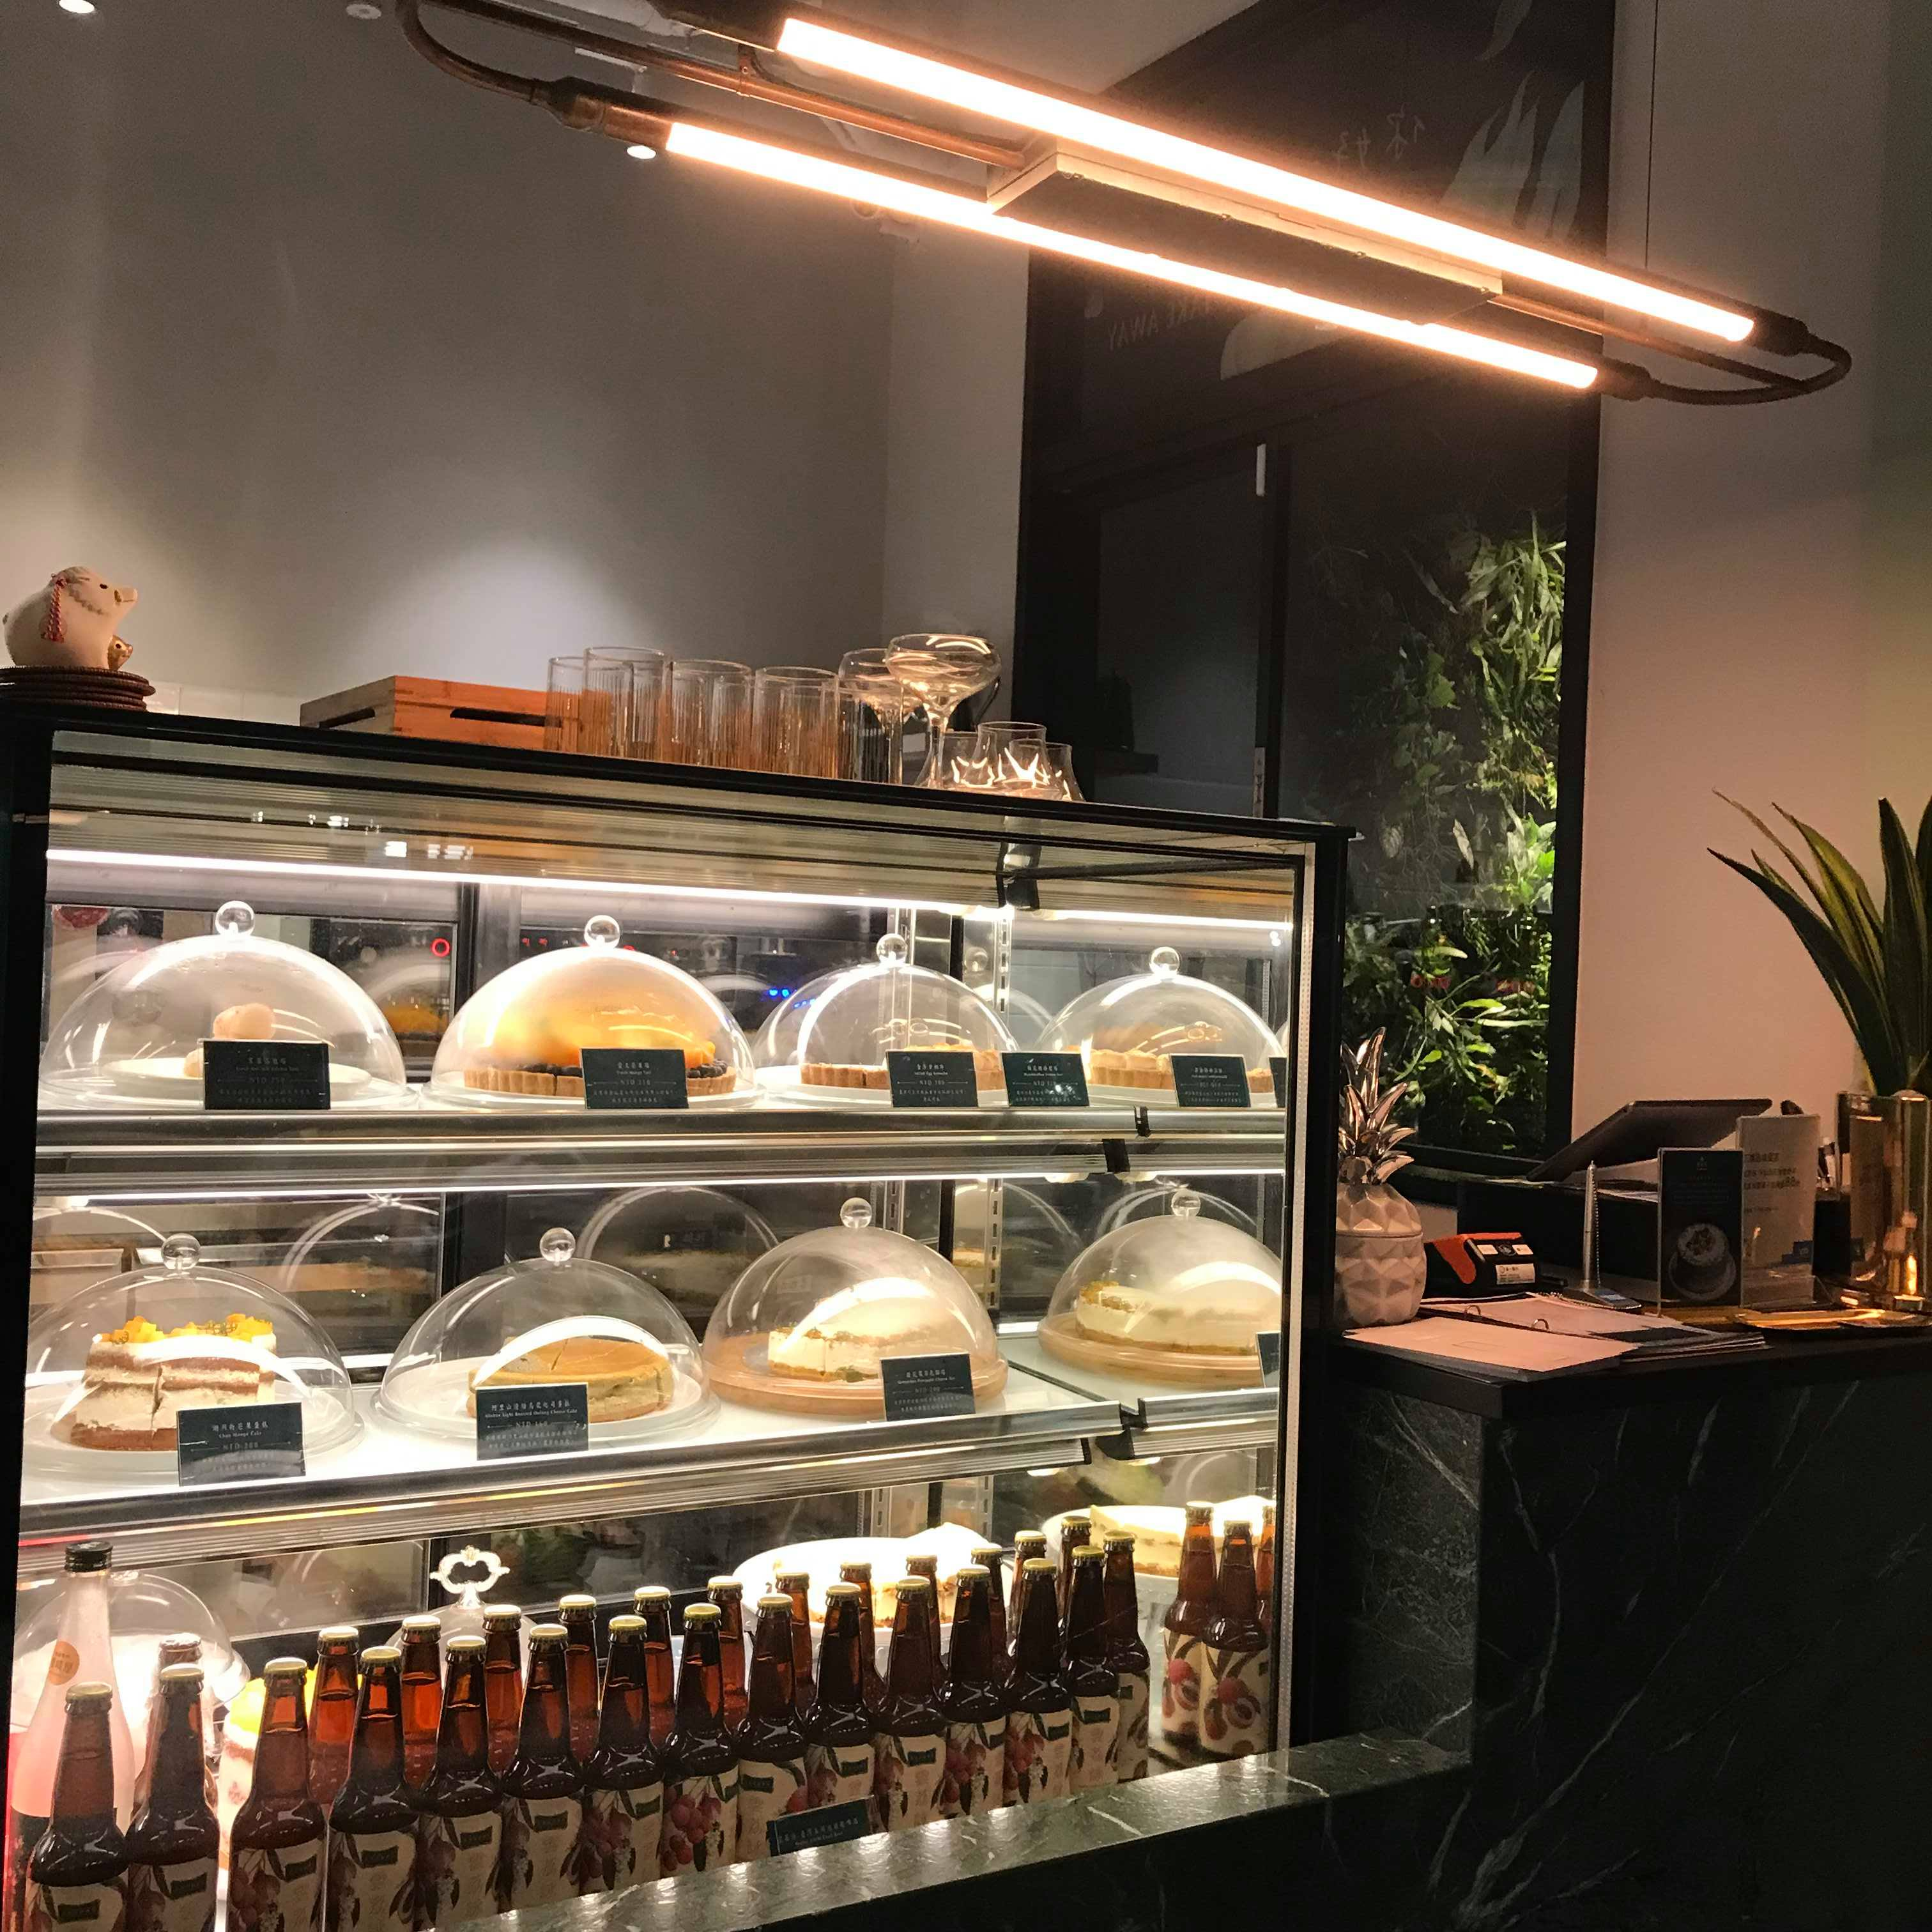 【食記】台北潮州街咖啡廳|貳房苑 LivinGreen|老宅X設計